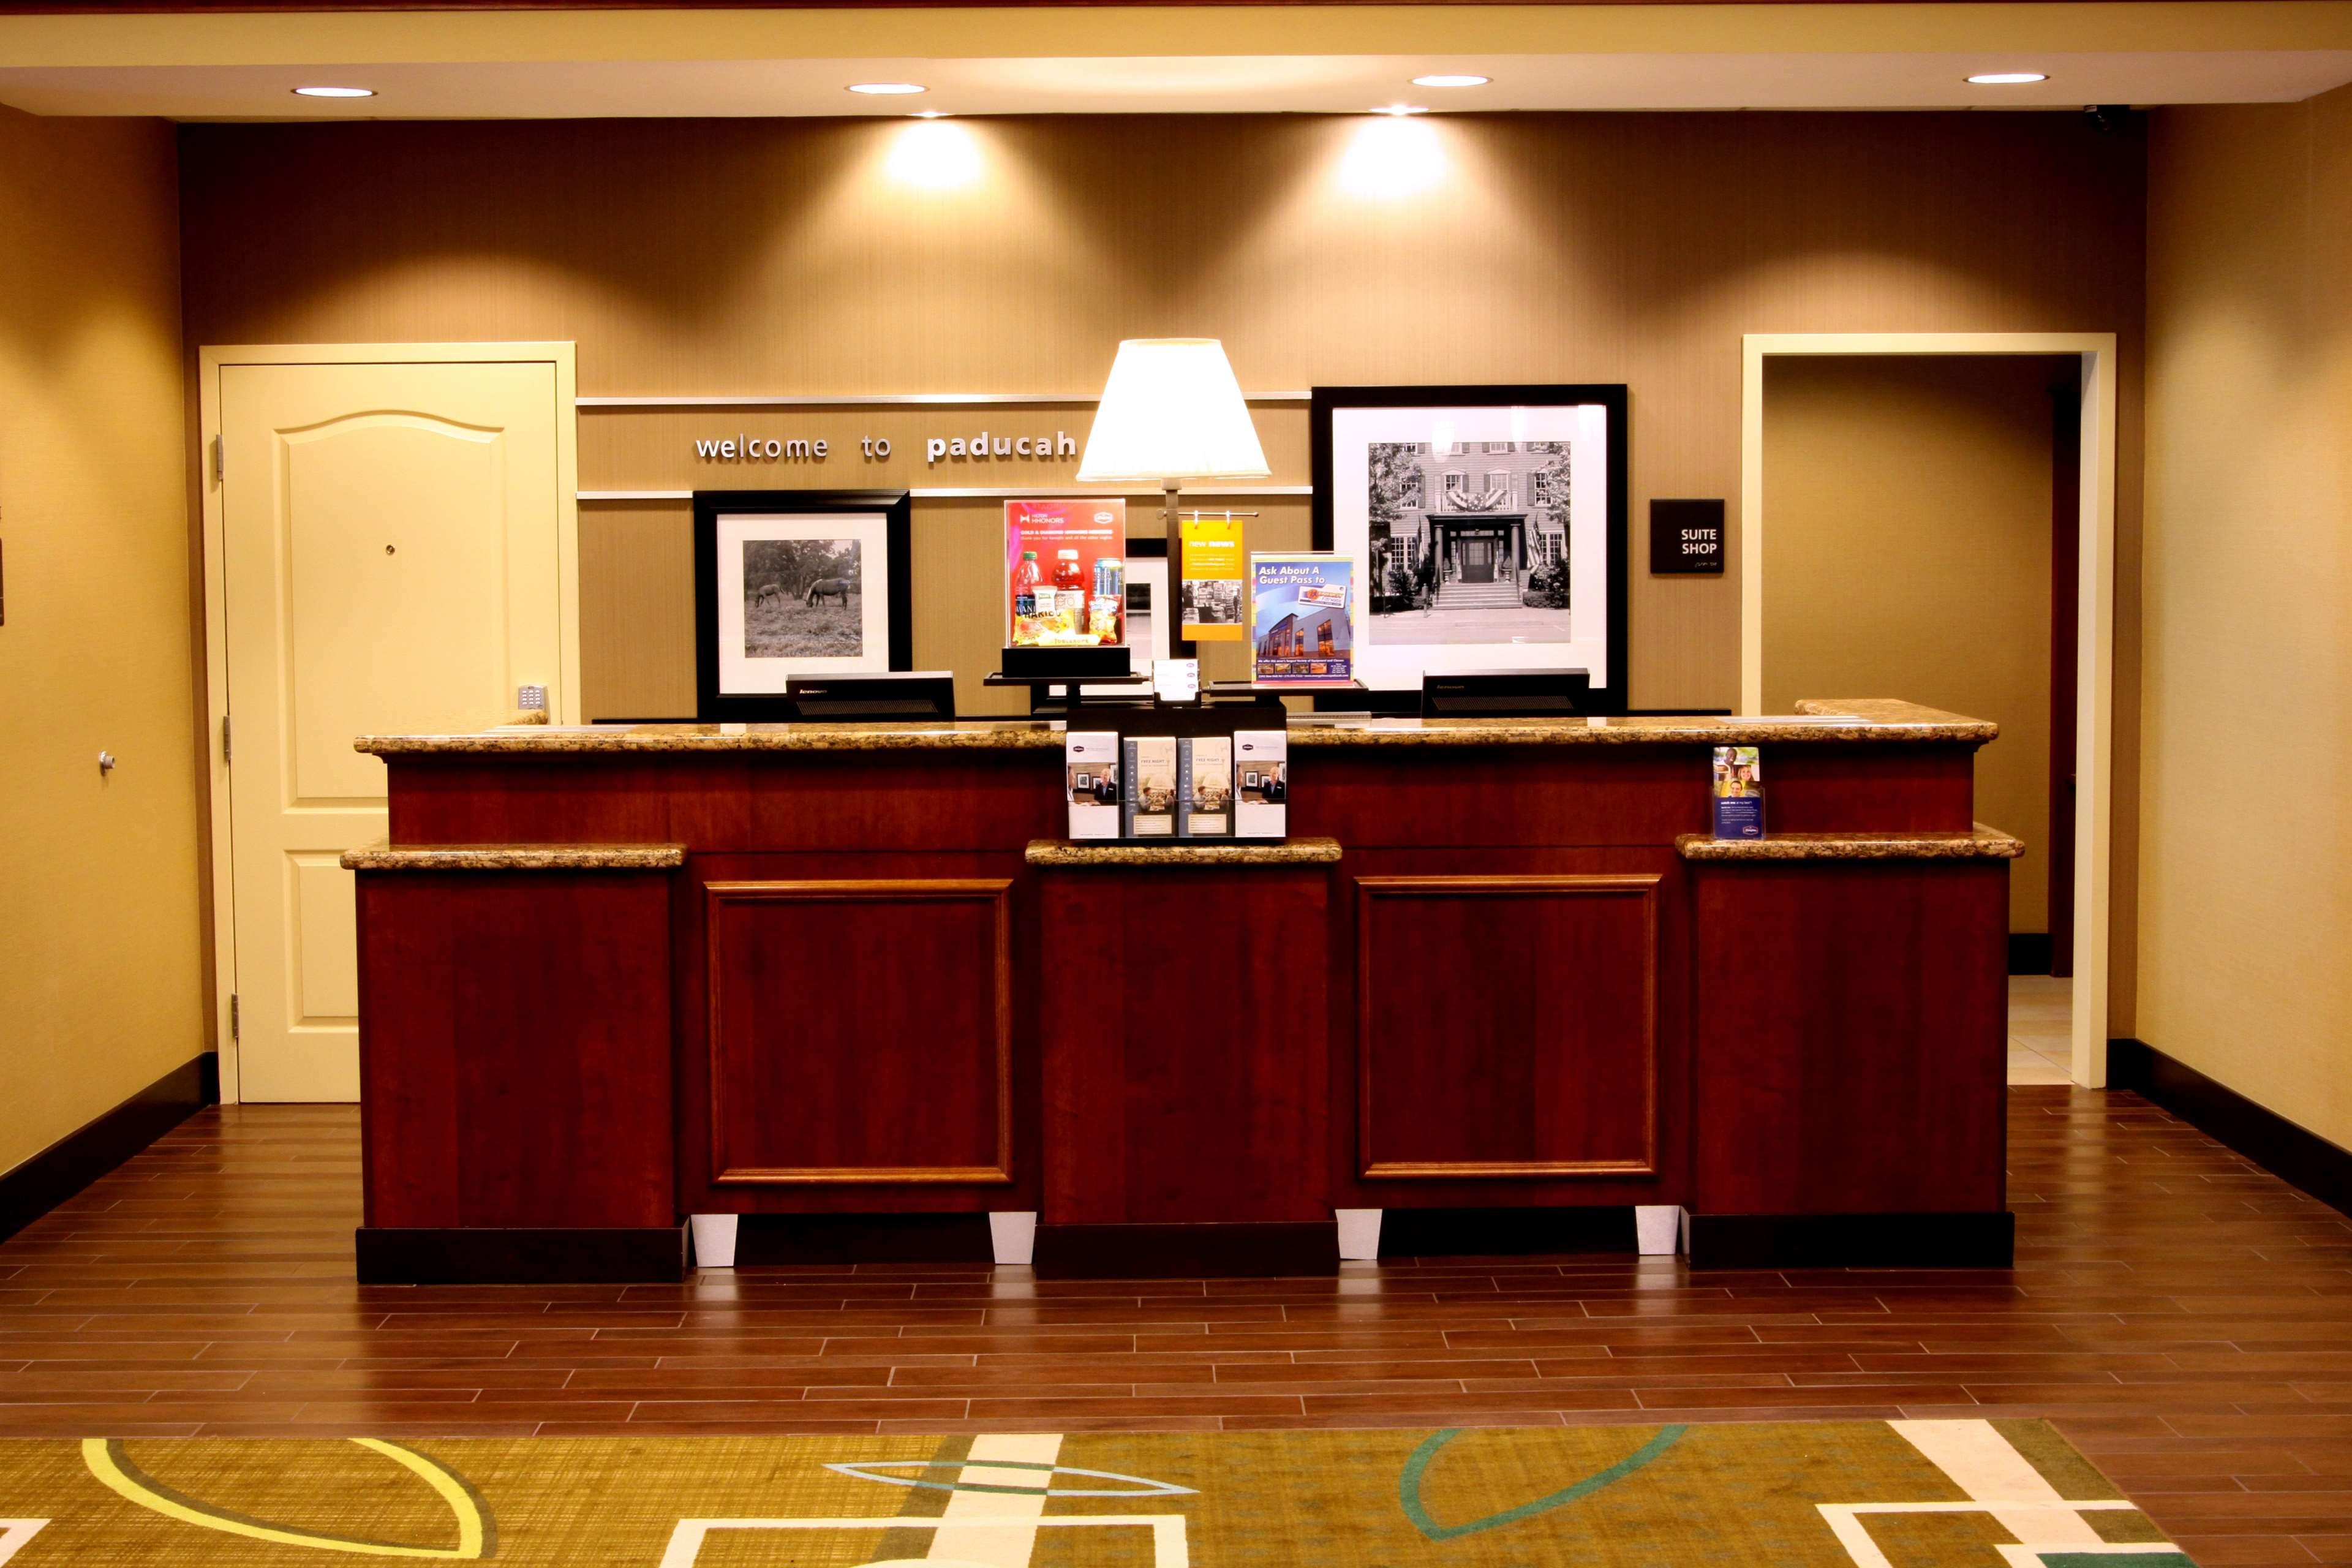 Hampton Inn & Suites Paducah image 4